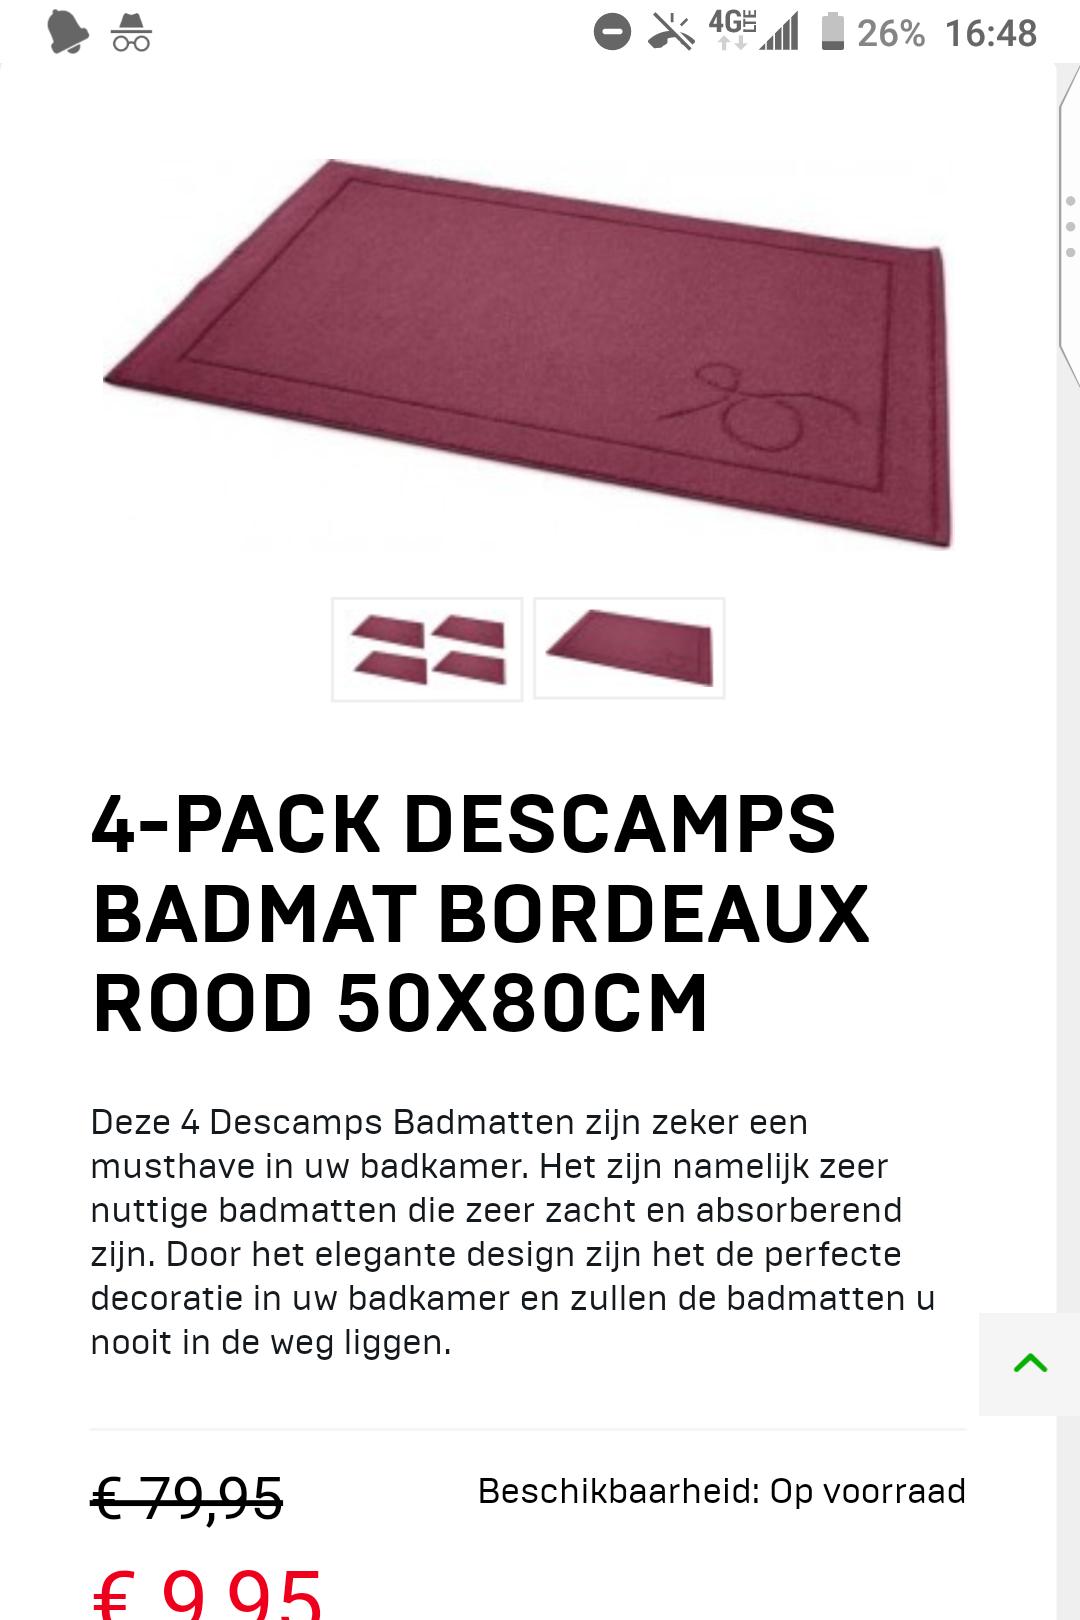 4-pack Descamps Badmat Bordeaux rood 50X80CM